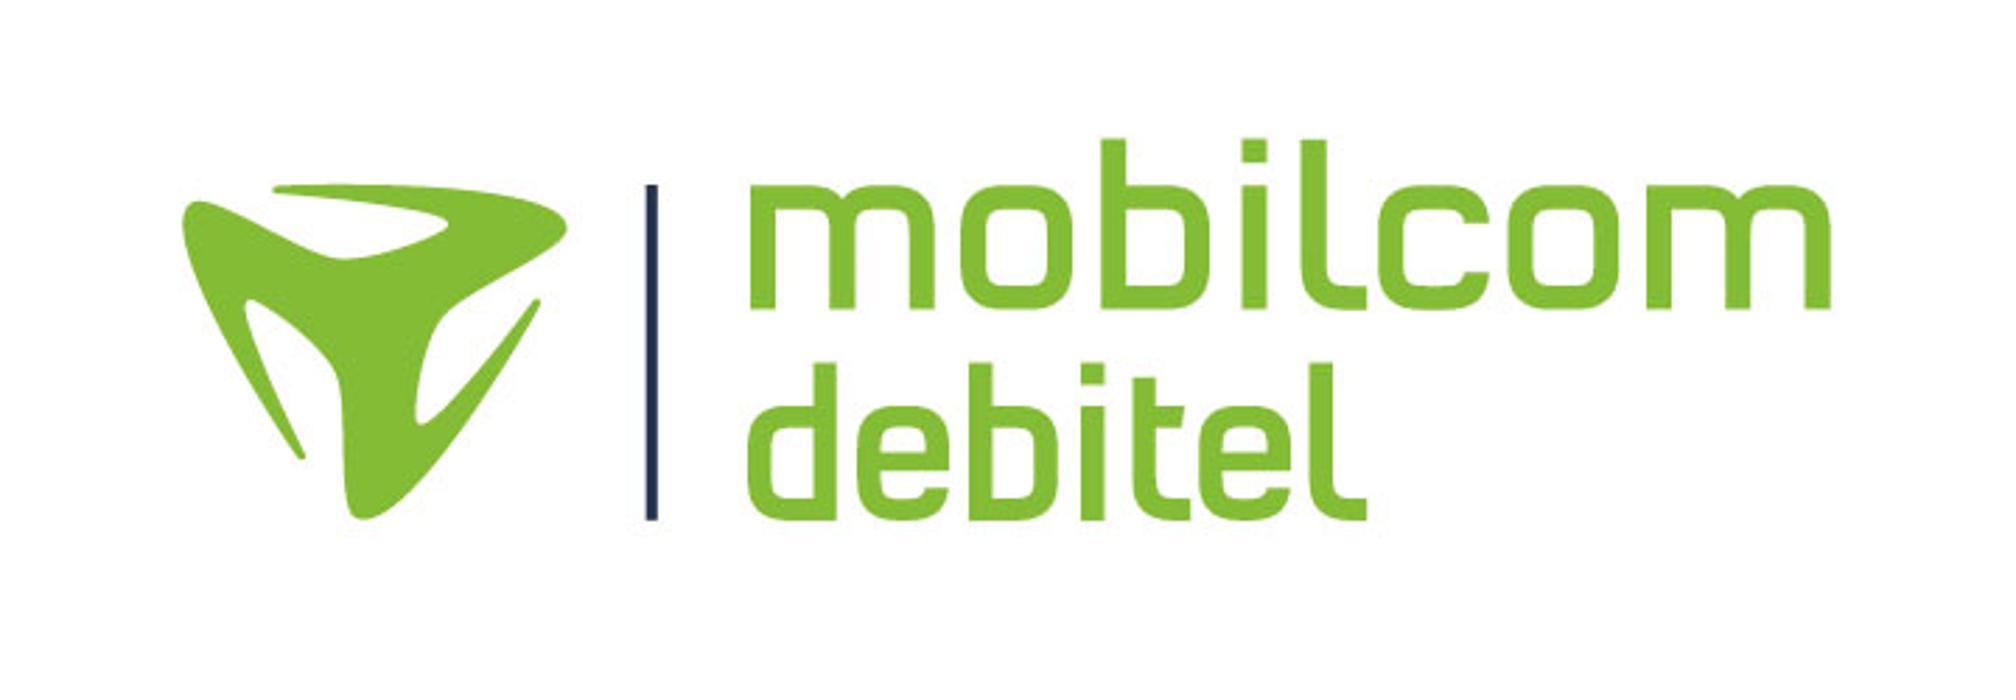 mobilcom-debitel, Heinkelstraße in Ludwigsburg